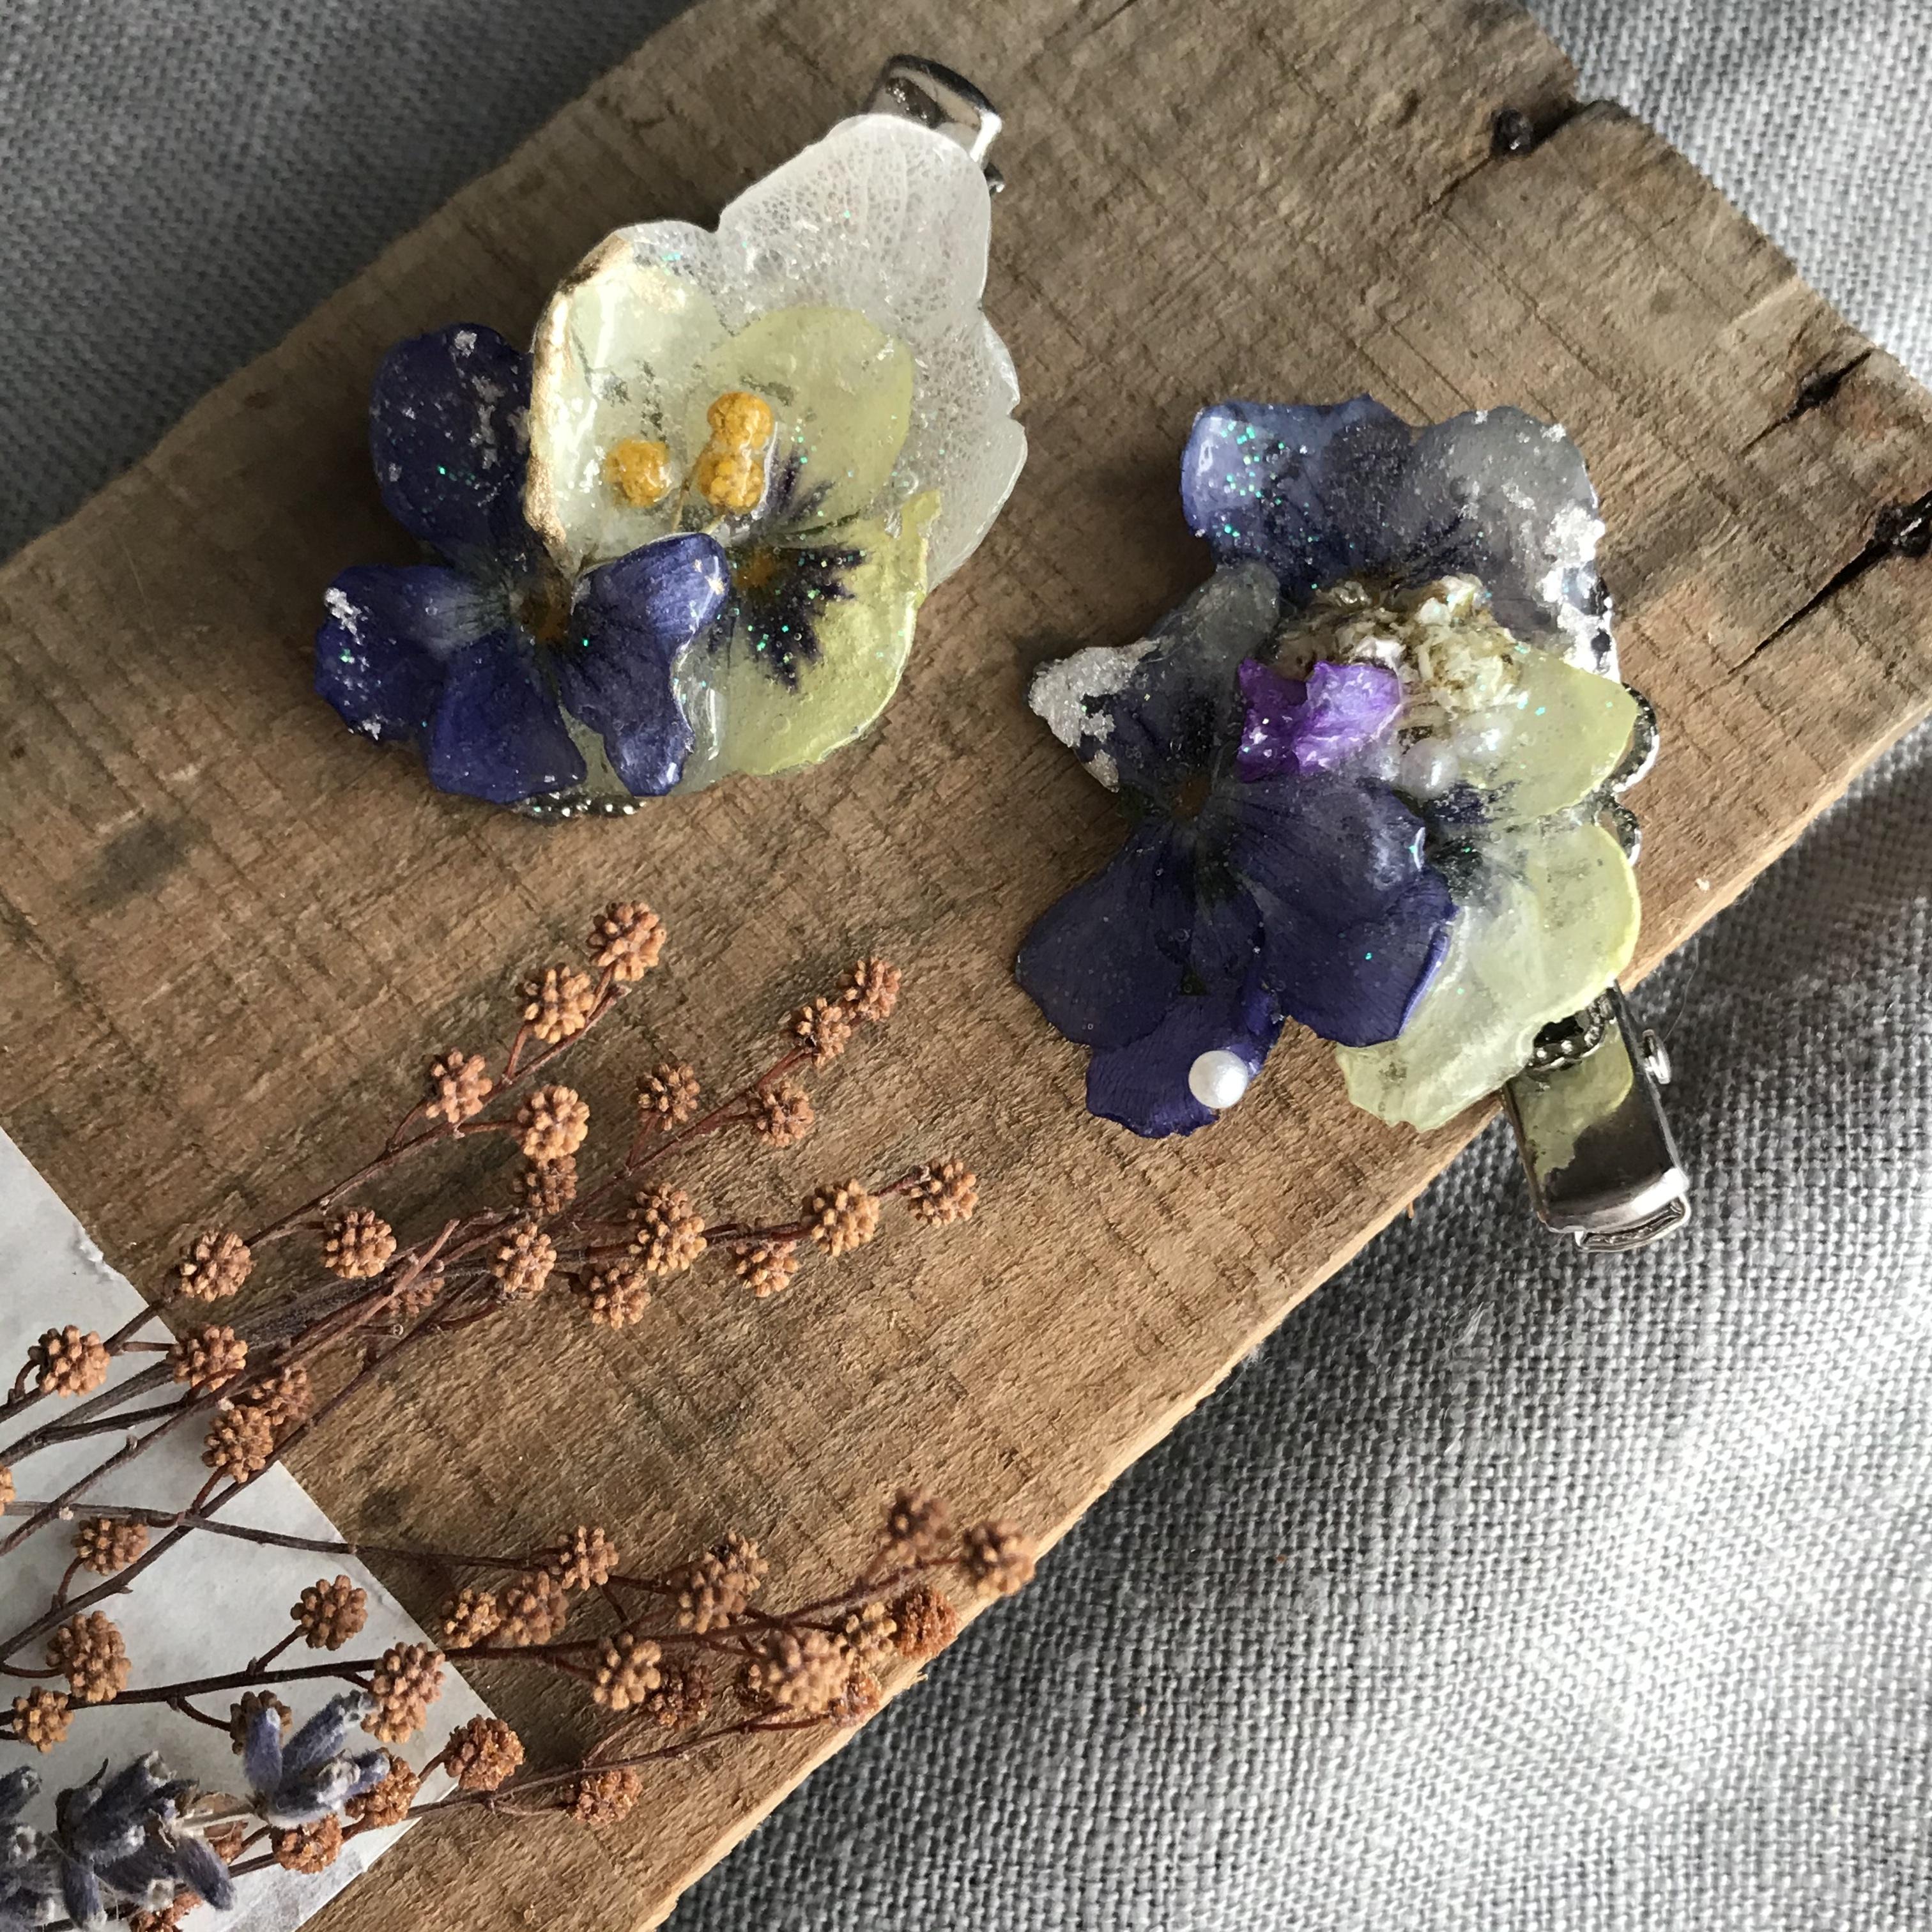 本物のお花❗️ミニクリップ*マスクゴム留め可能 ビオラ